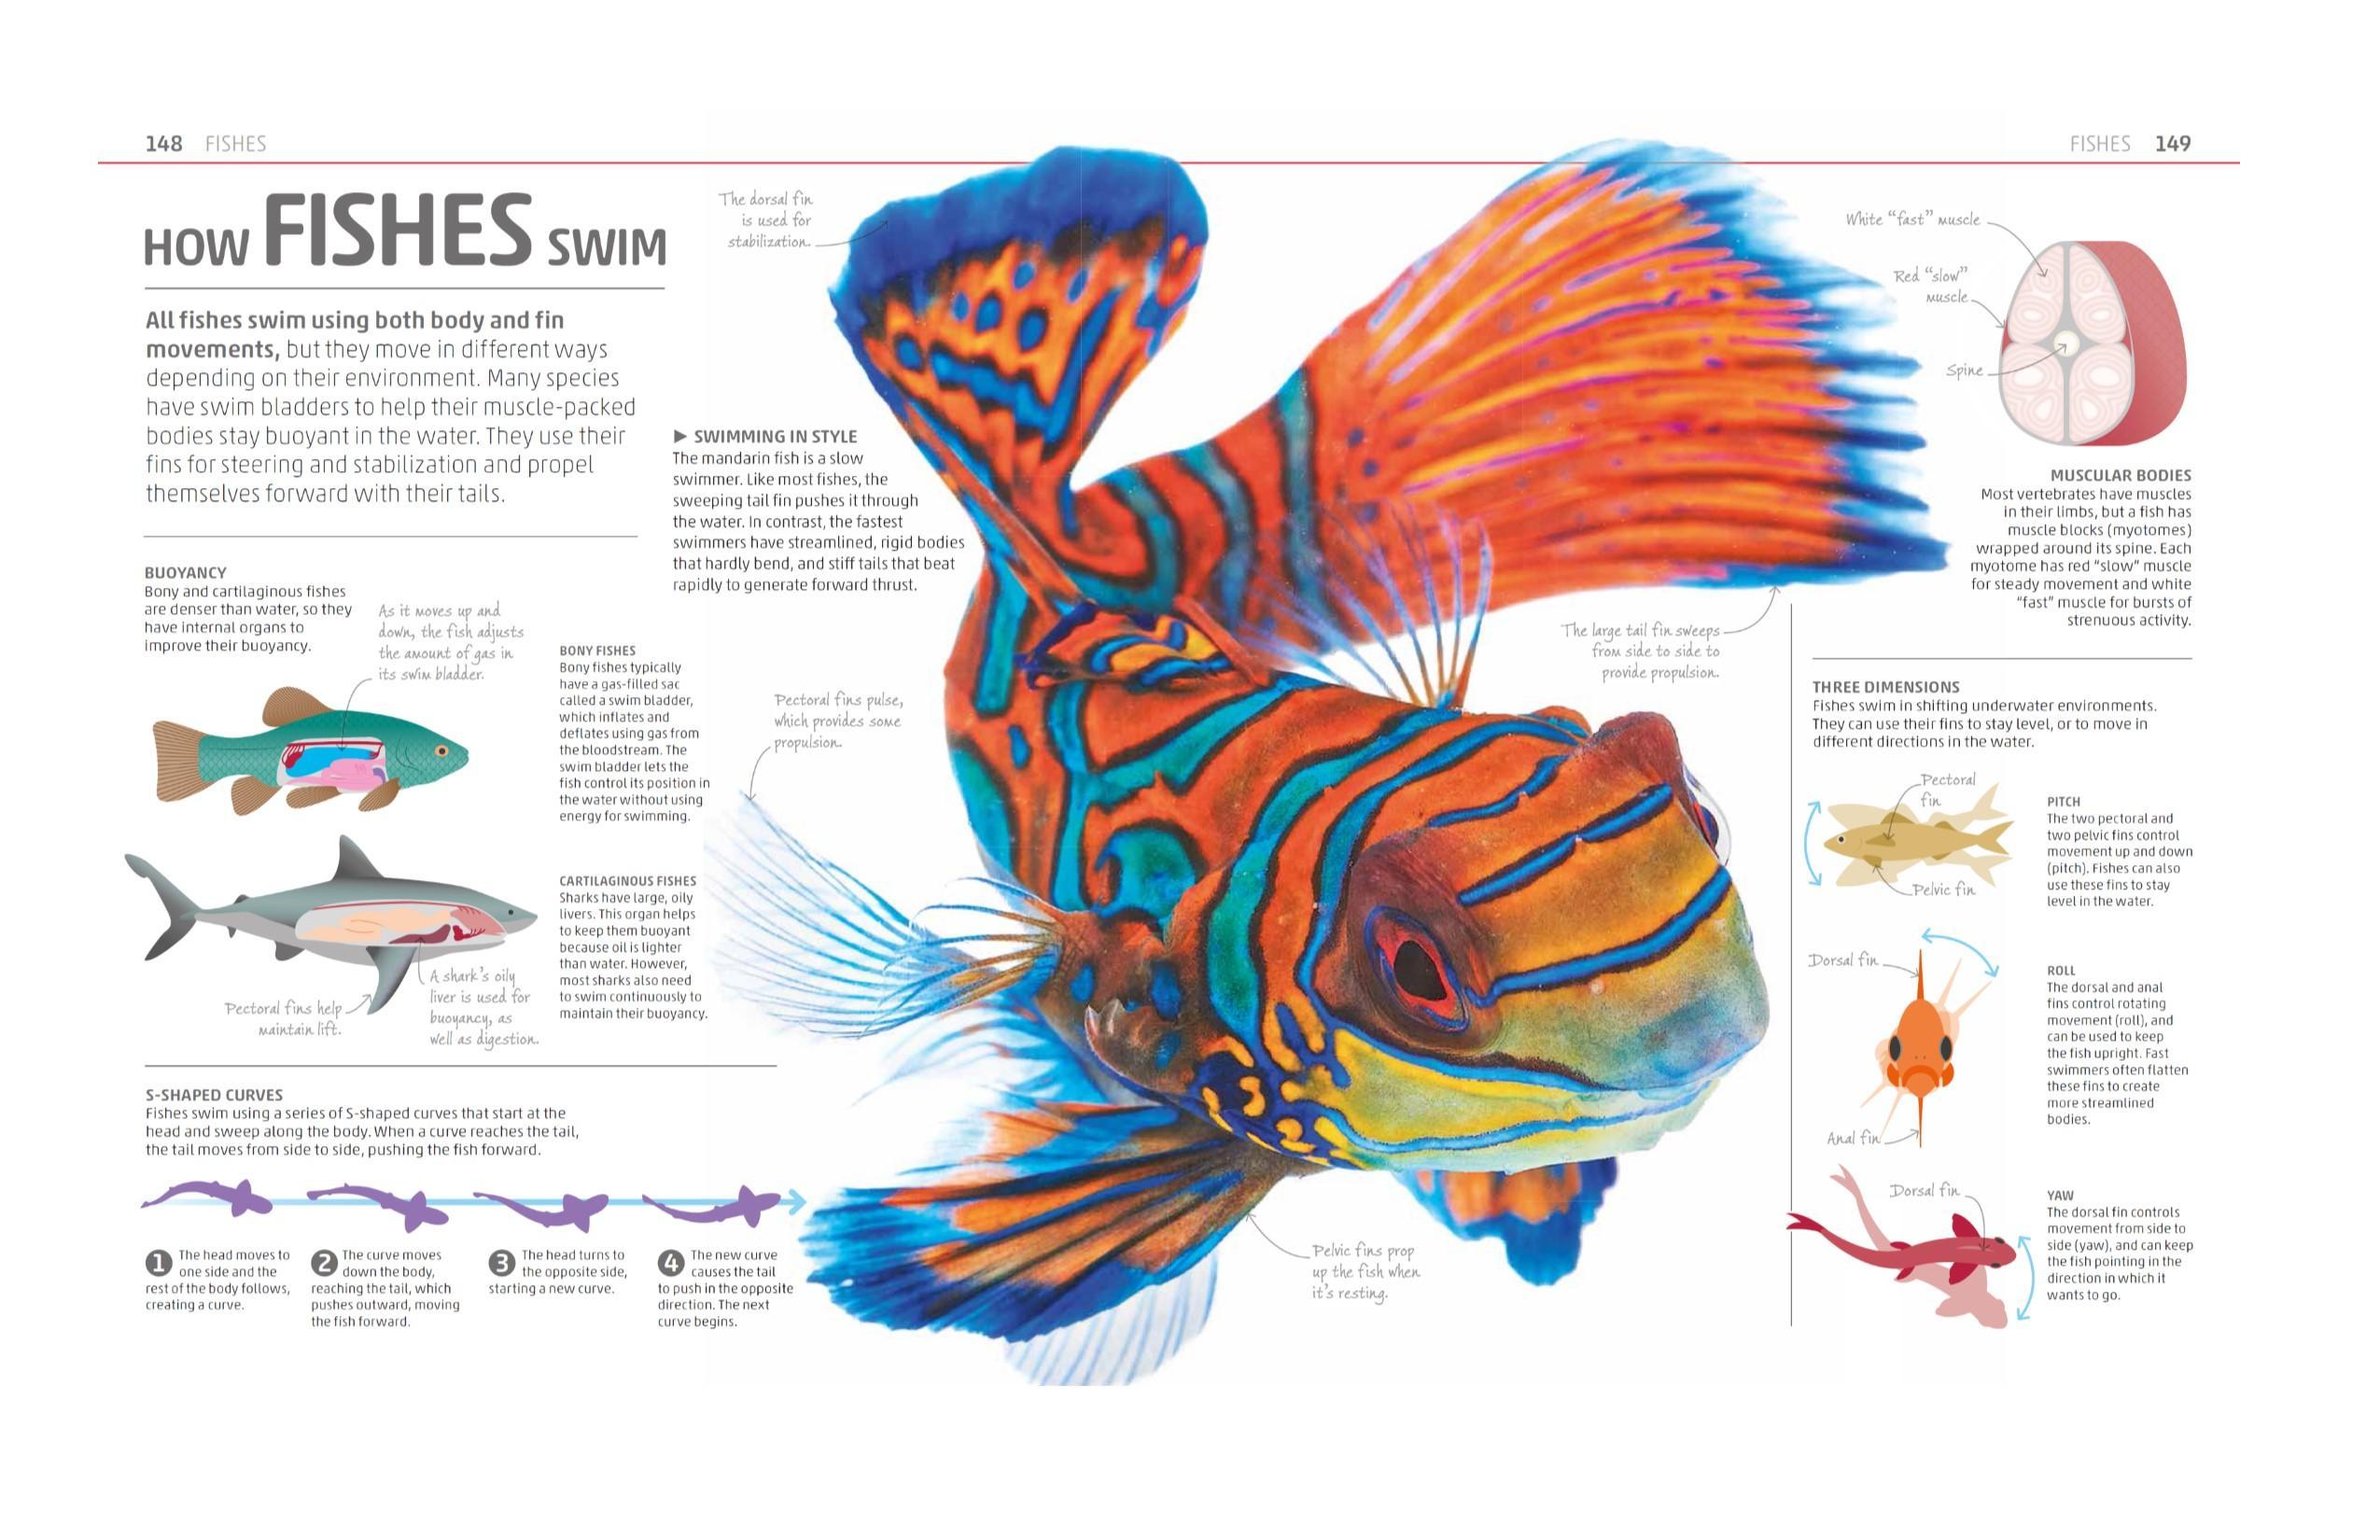 Luxury Shark Muscle Anatomy Model - Human Anatomy Images ...